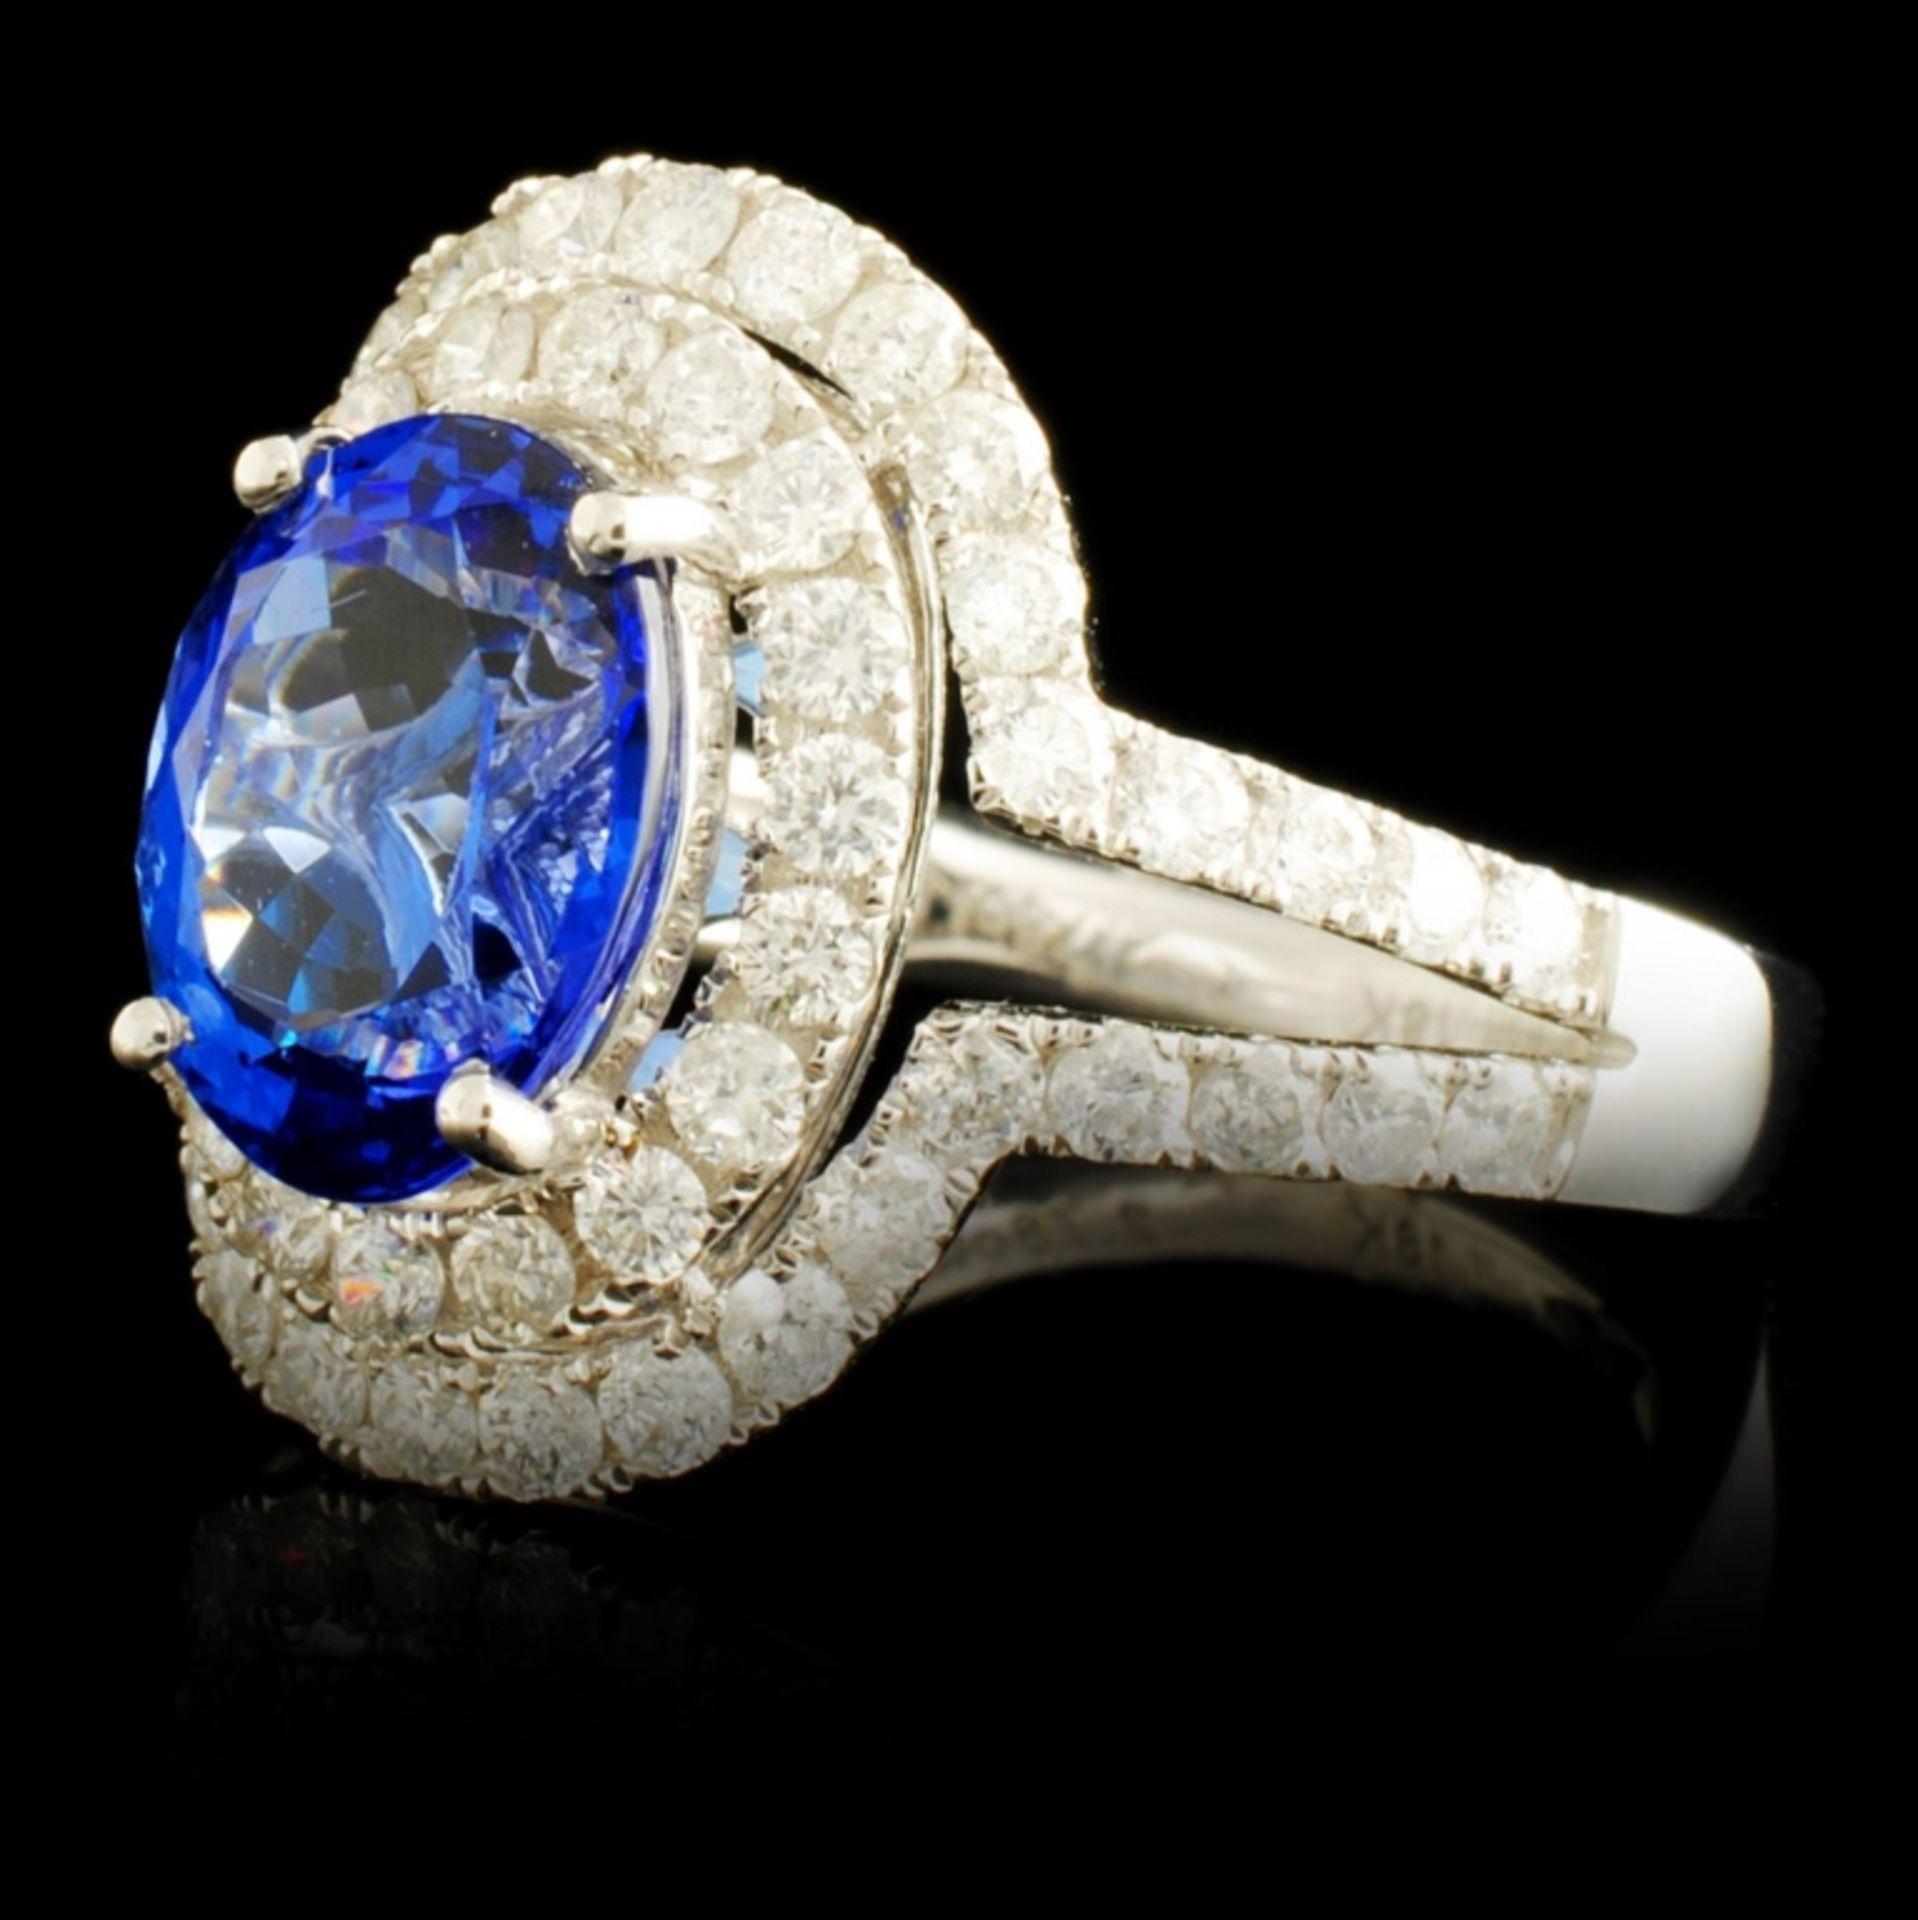 18K Gold 2.78ct Tanzanite & 1.05ctw Diamond Ring - Image 2 of 5